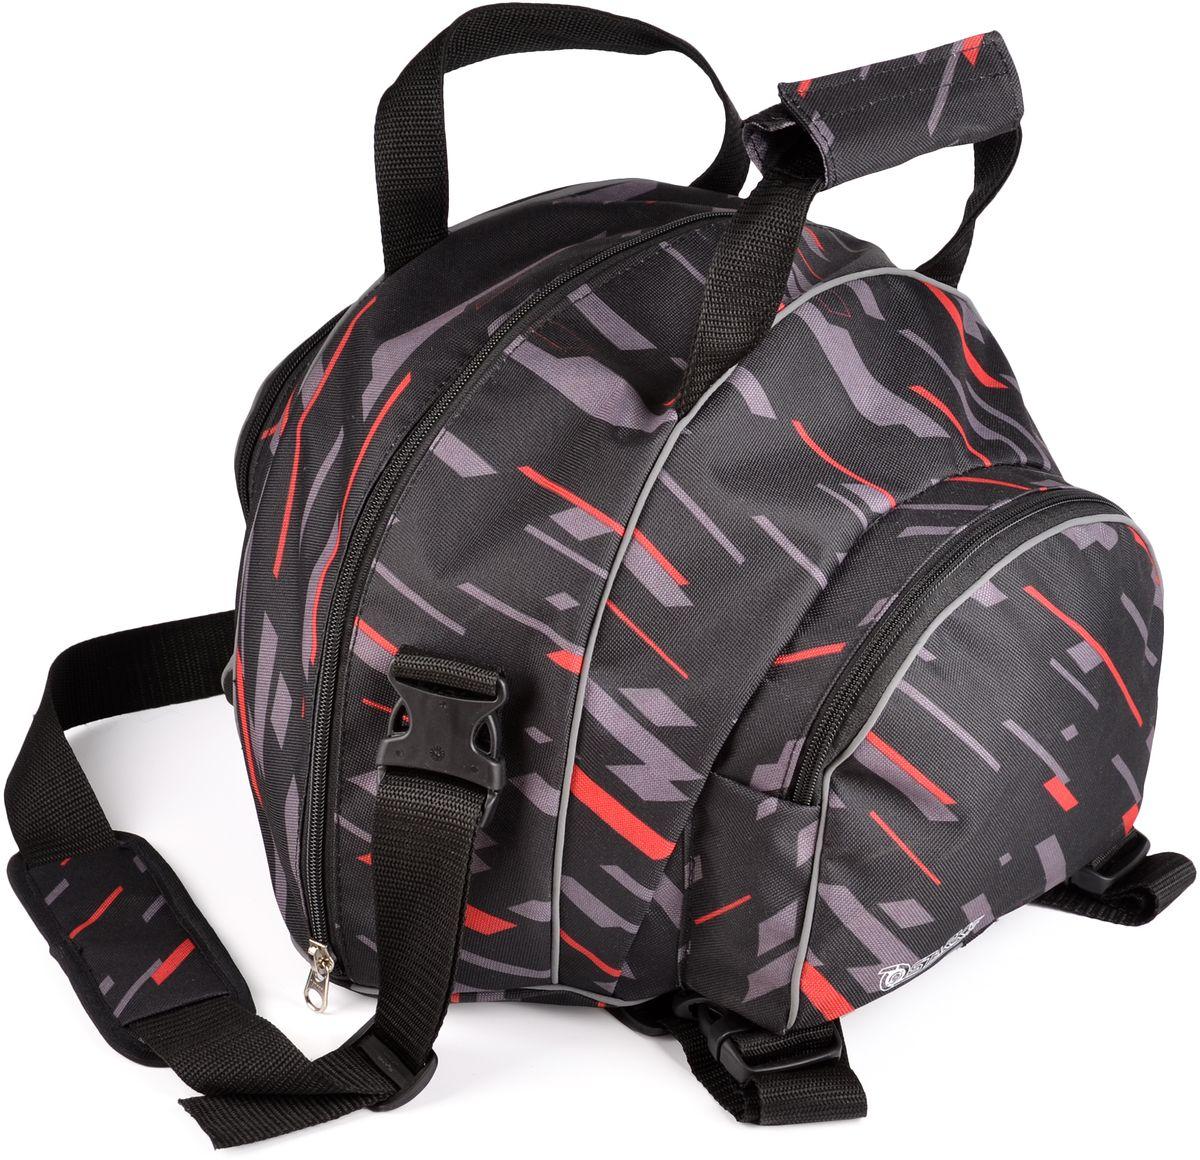 Сумка для переноски шлема Starks, цвет: серыйЛЦ0046Водонепроницаемая сумка предназначена для переноски стандартного шлема, без козырька (если он не снимается). Имеет удобную, отстегивающуюся лямку через плечо. Дополнительные карманы по бокам, для переноски перчаток, подшлемников и другого. Сумка имеет функцию установки на пассажирское сиденье в роли центрального кофра, для перевозки шлема или различных вещей. Светоотражающие элементы- добавляют безопасности в темное время.